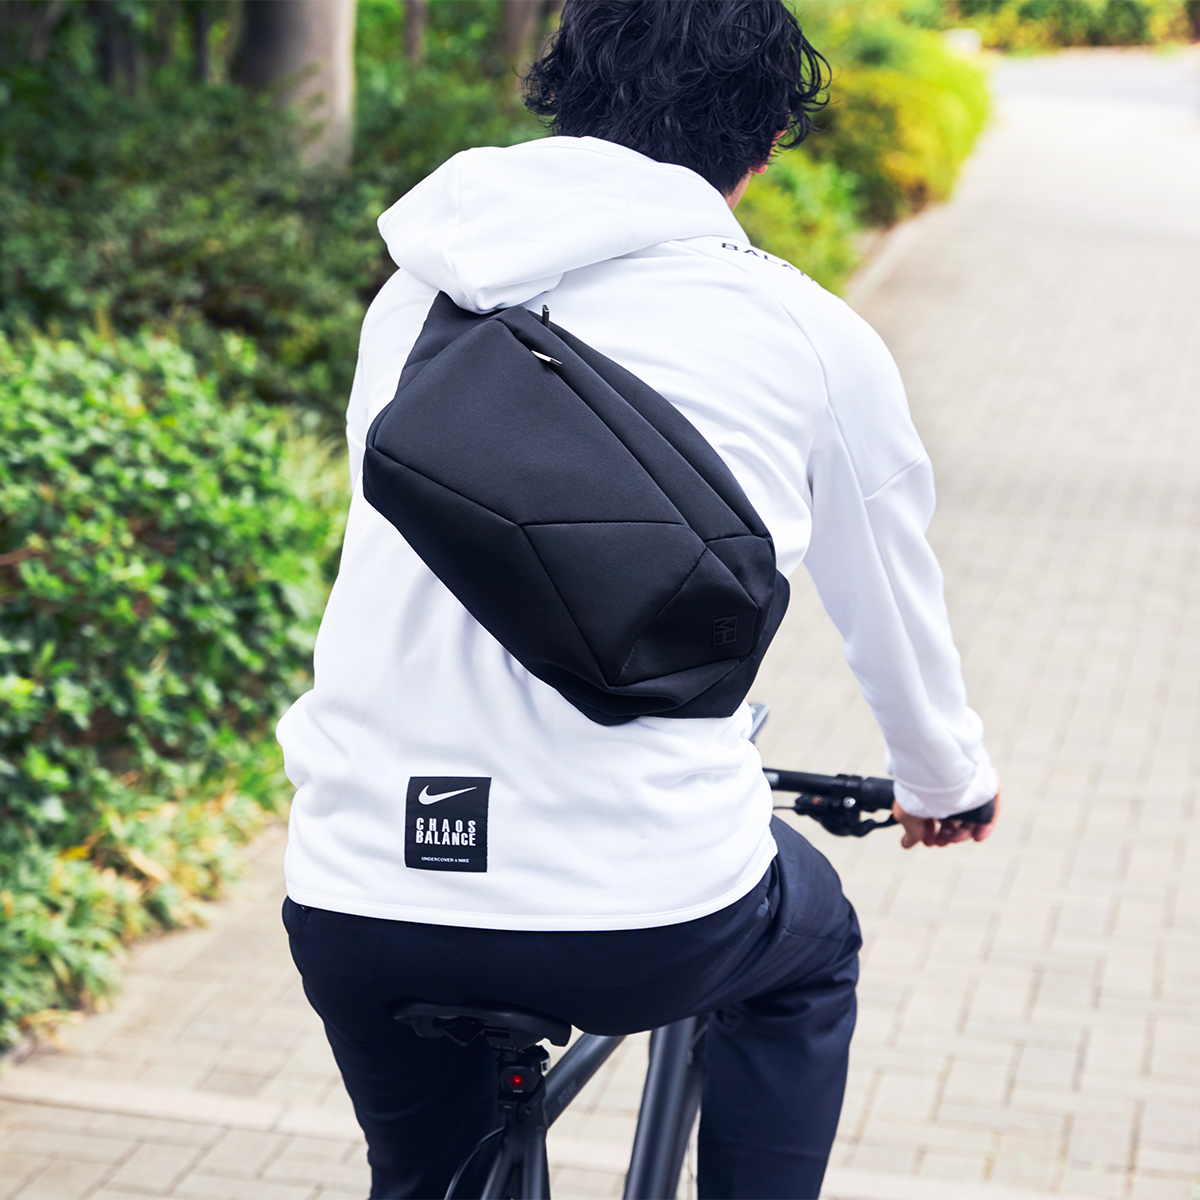 満員電車の代わりに、自転車や歩きを選ぶ人が増えています。ニューノーマルの軽やかな暮しにぴったり。「石」から発想したミニマルデザイン、タブレットと上着を入れても型崩れしない「ボディバッグ」|STONE SLING(ストーン スリング)